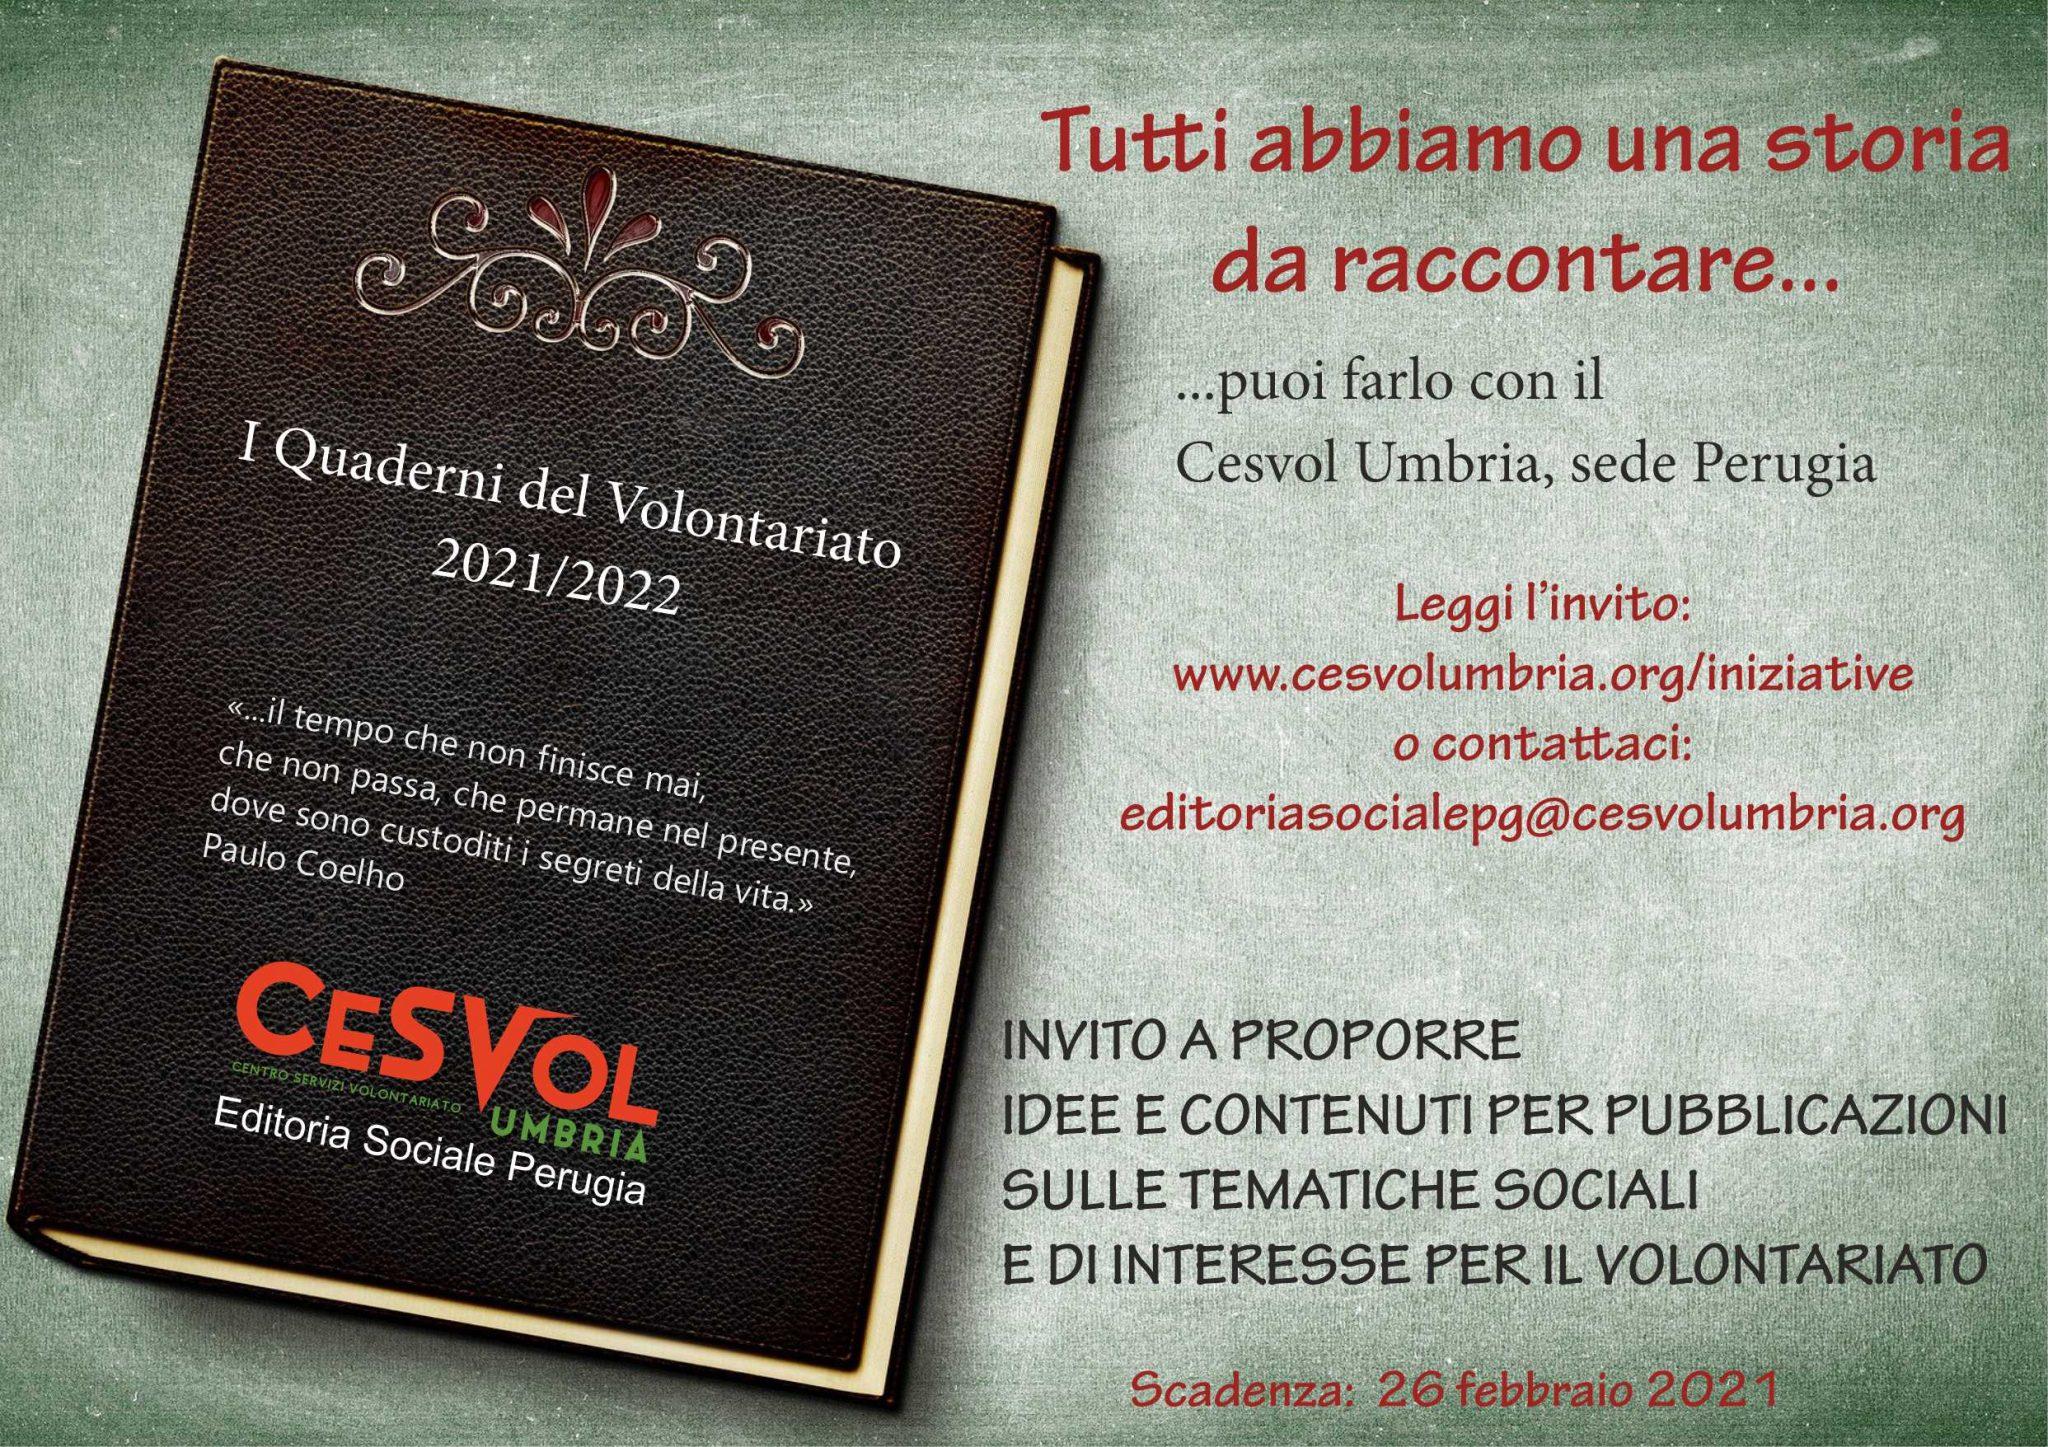 Raccolta di idee e contenuti per la realizzazione di pubblicazioni sulle tematiche sociali e di interesse per il volontariato